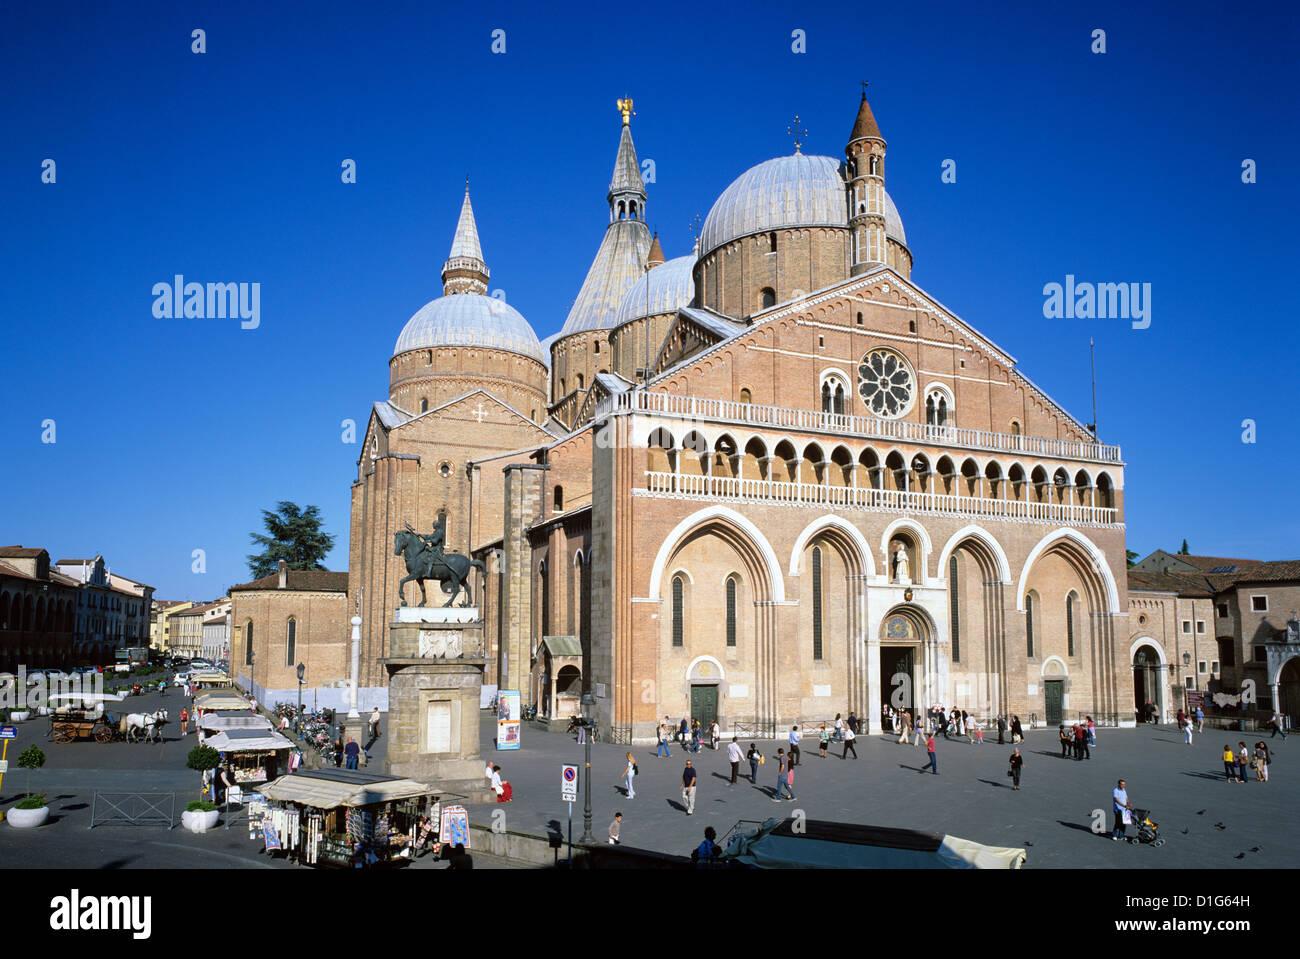 Il Santo (Basilica di San Antonio) und der Piazza del Santo in Padua, Veneto, Italien, Europa Stockbild